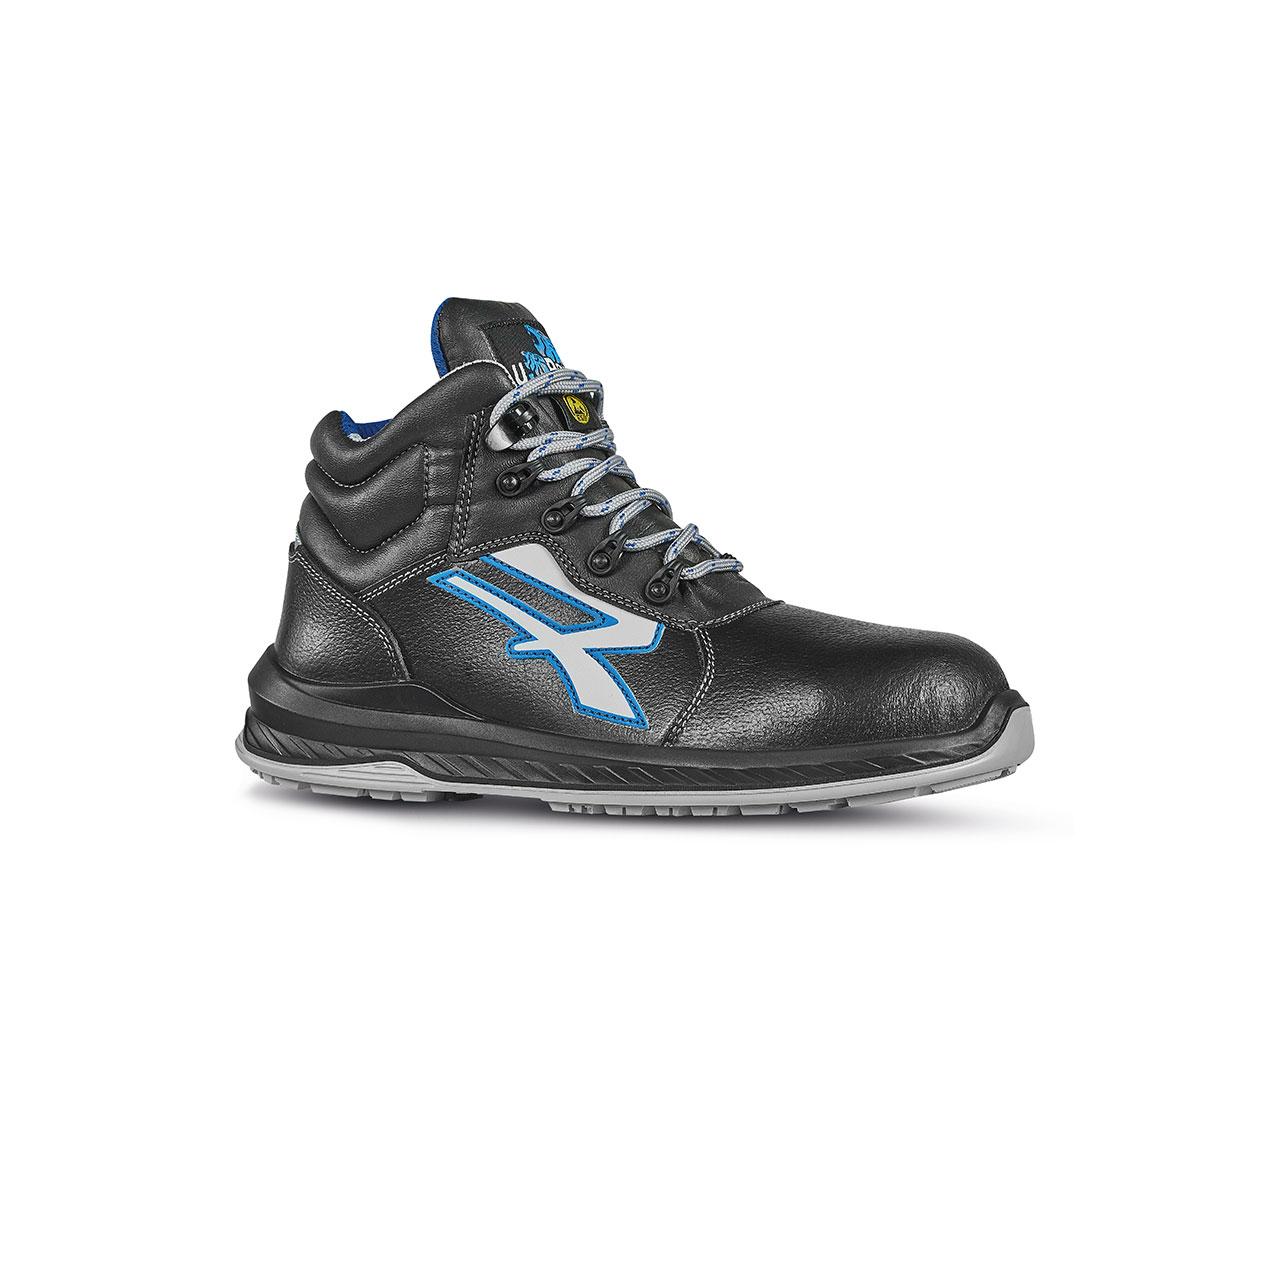 scarpa antinfortunistica alta upower modello tenerife linea redindustry vista laterale